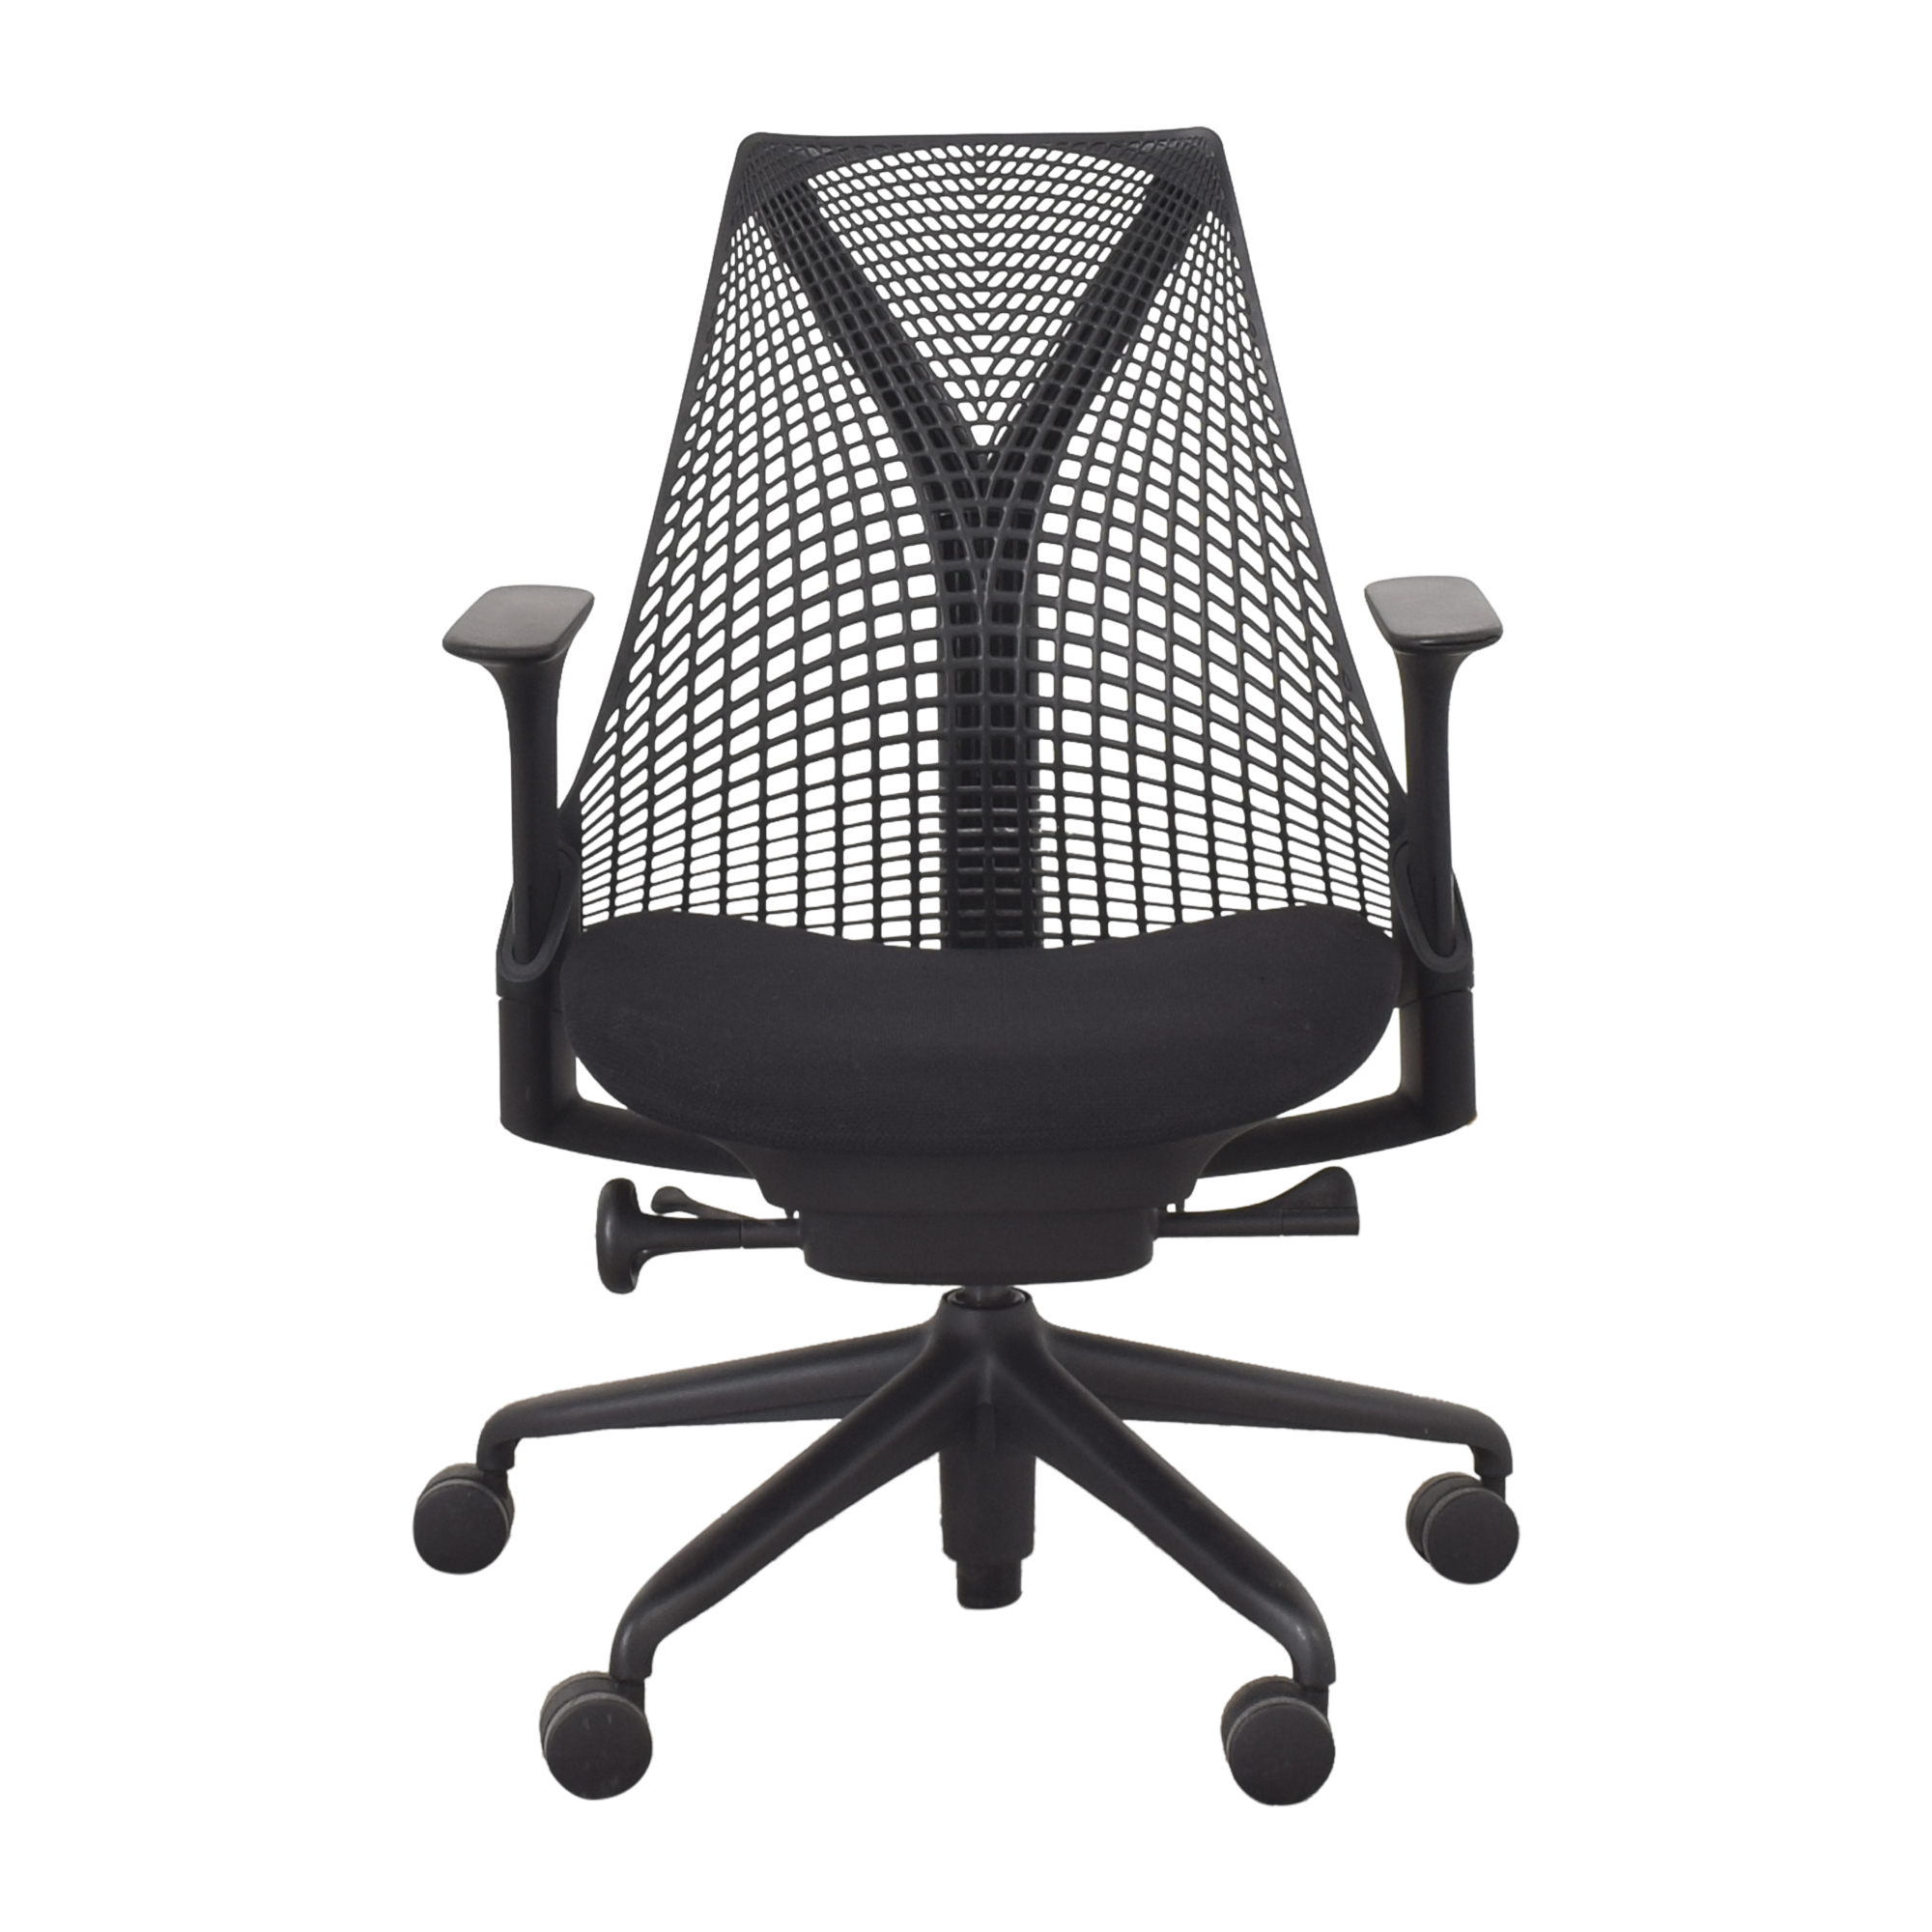 Herman Miller Herman Miller Sayl Chair black